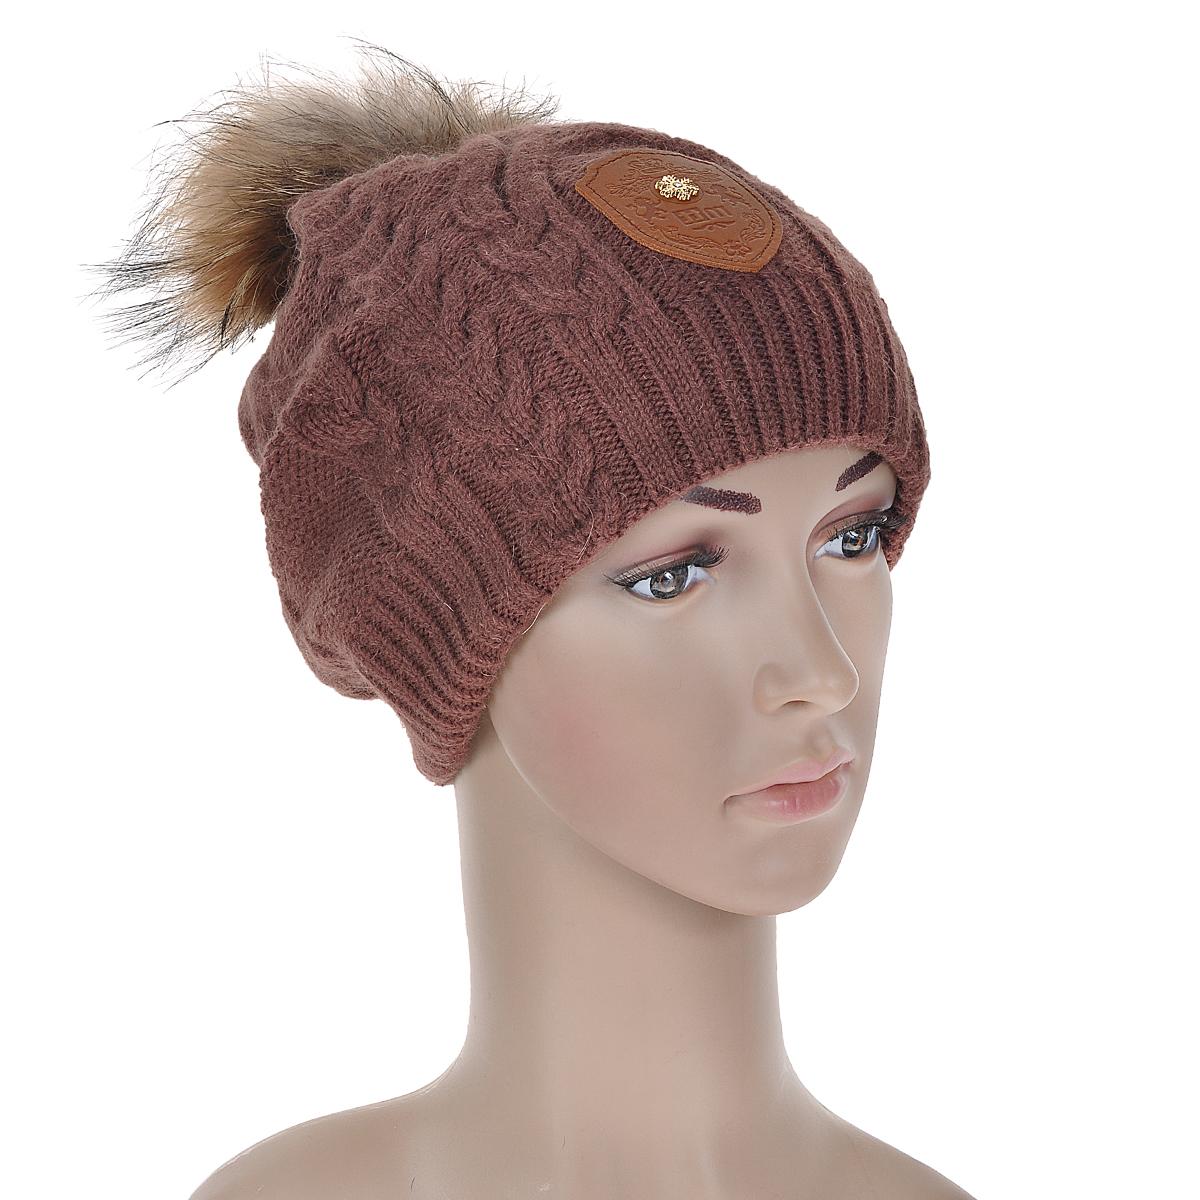 """Шапка4518Вязаная шапка Marhatter, связанная узором """"косы"""", выполнена из шерсти с добавлением нейлона, ангоры и вискозы. Она превосходно сохраняет тепло, мягкая и идеально прилегает к голове. Шапка оформлена помпоном из натурального меха."""